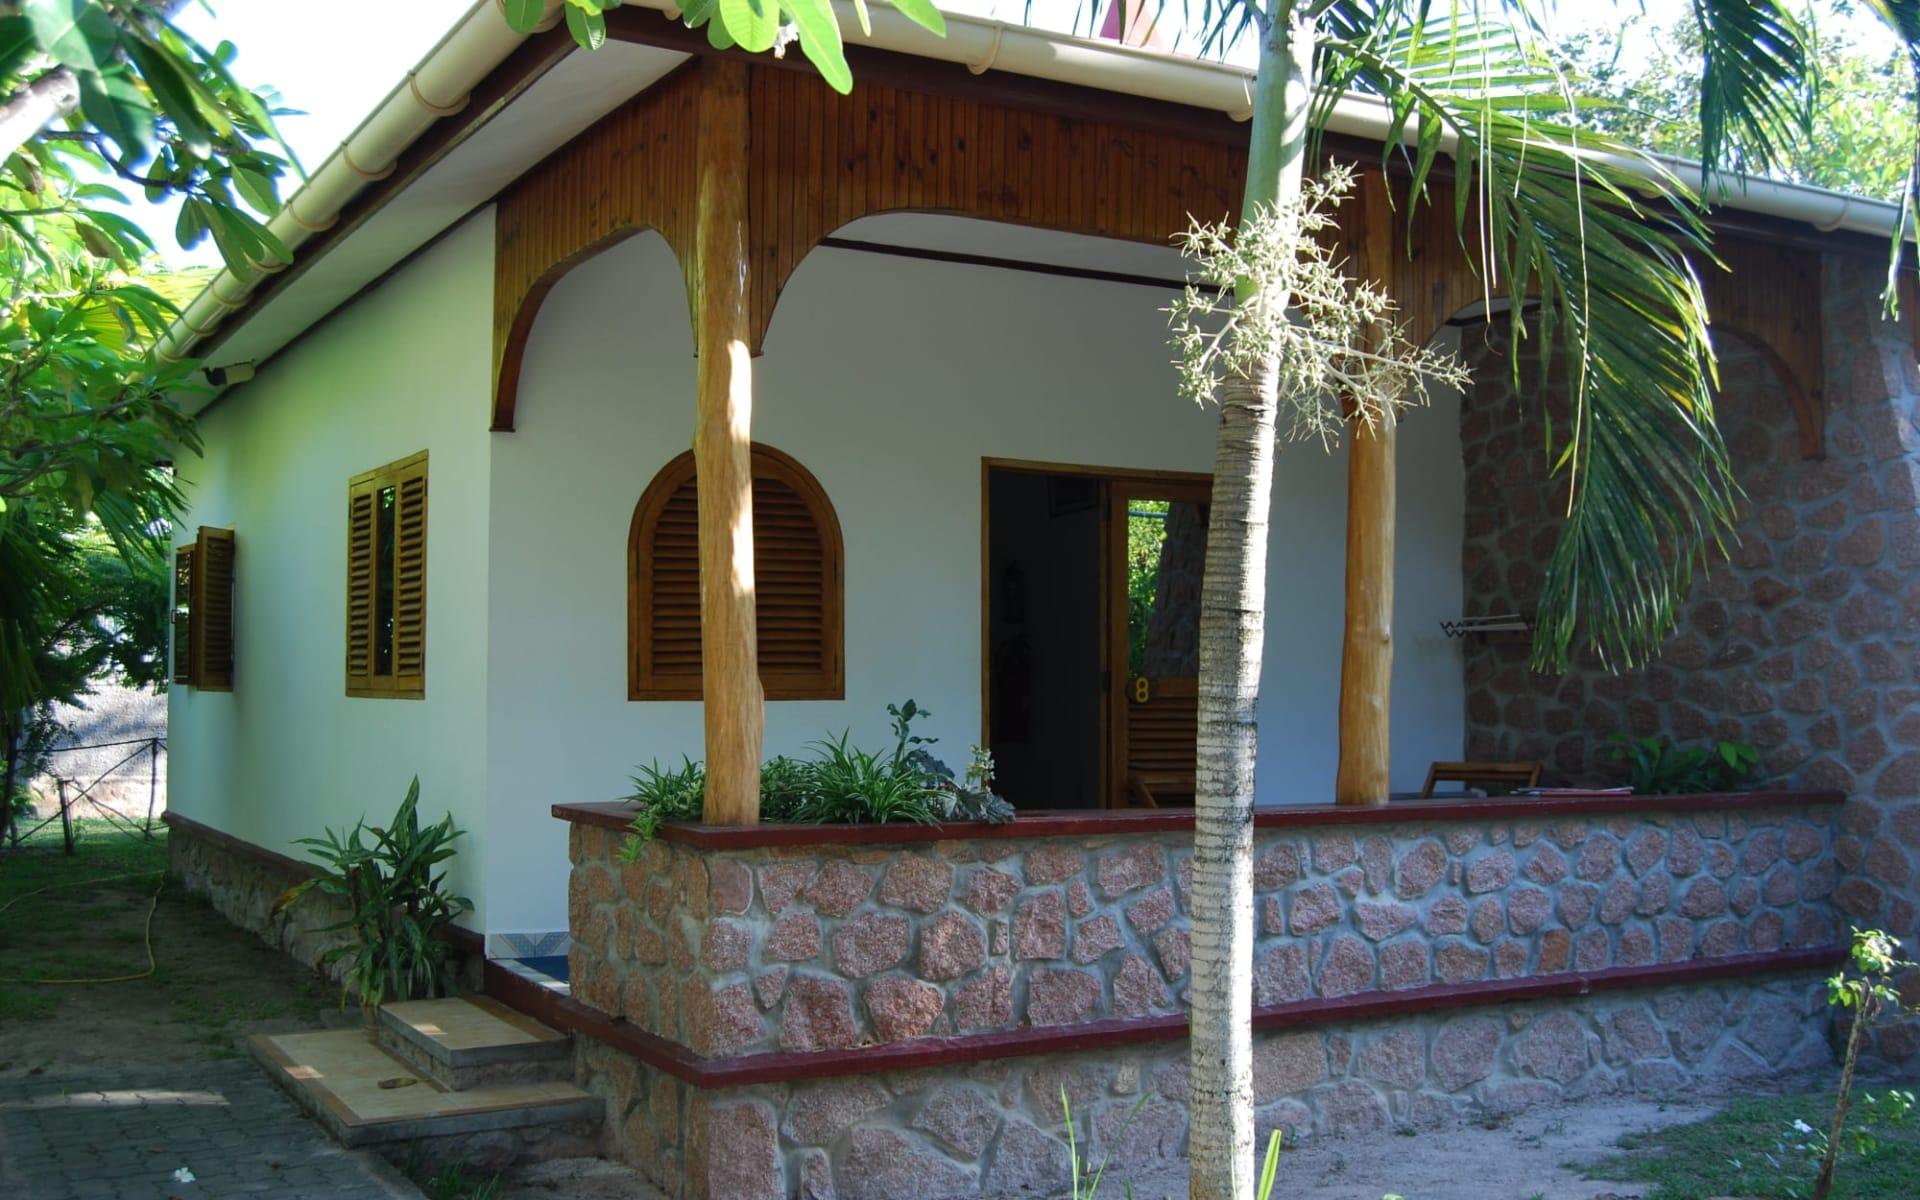 The Islander's Hotel in Praslin: